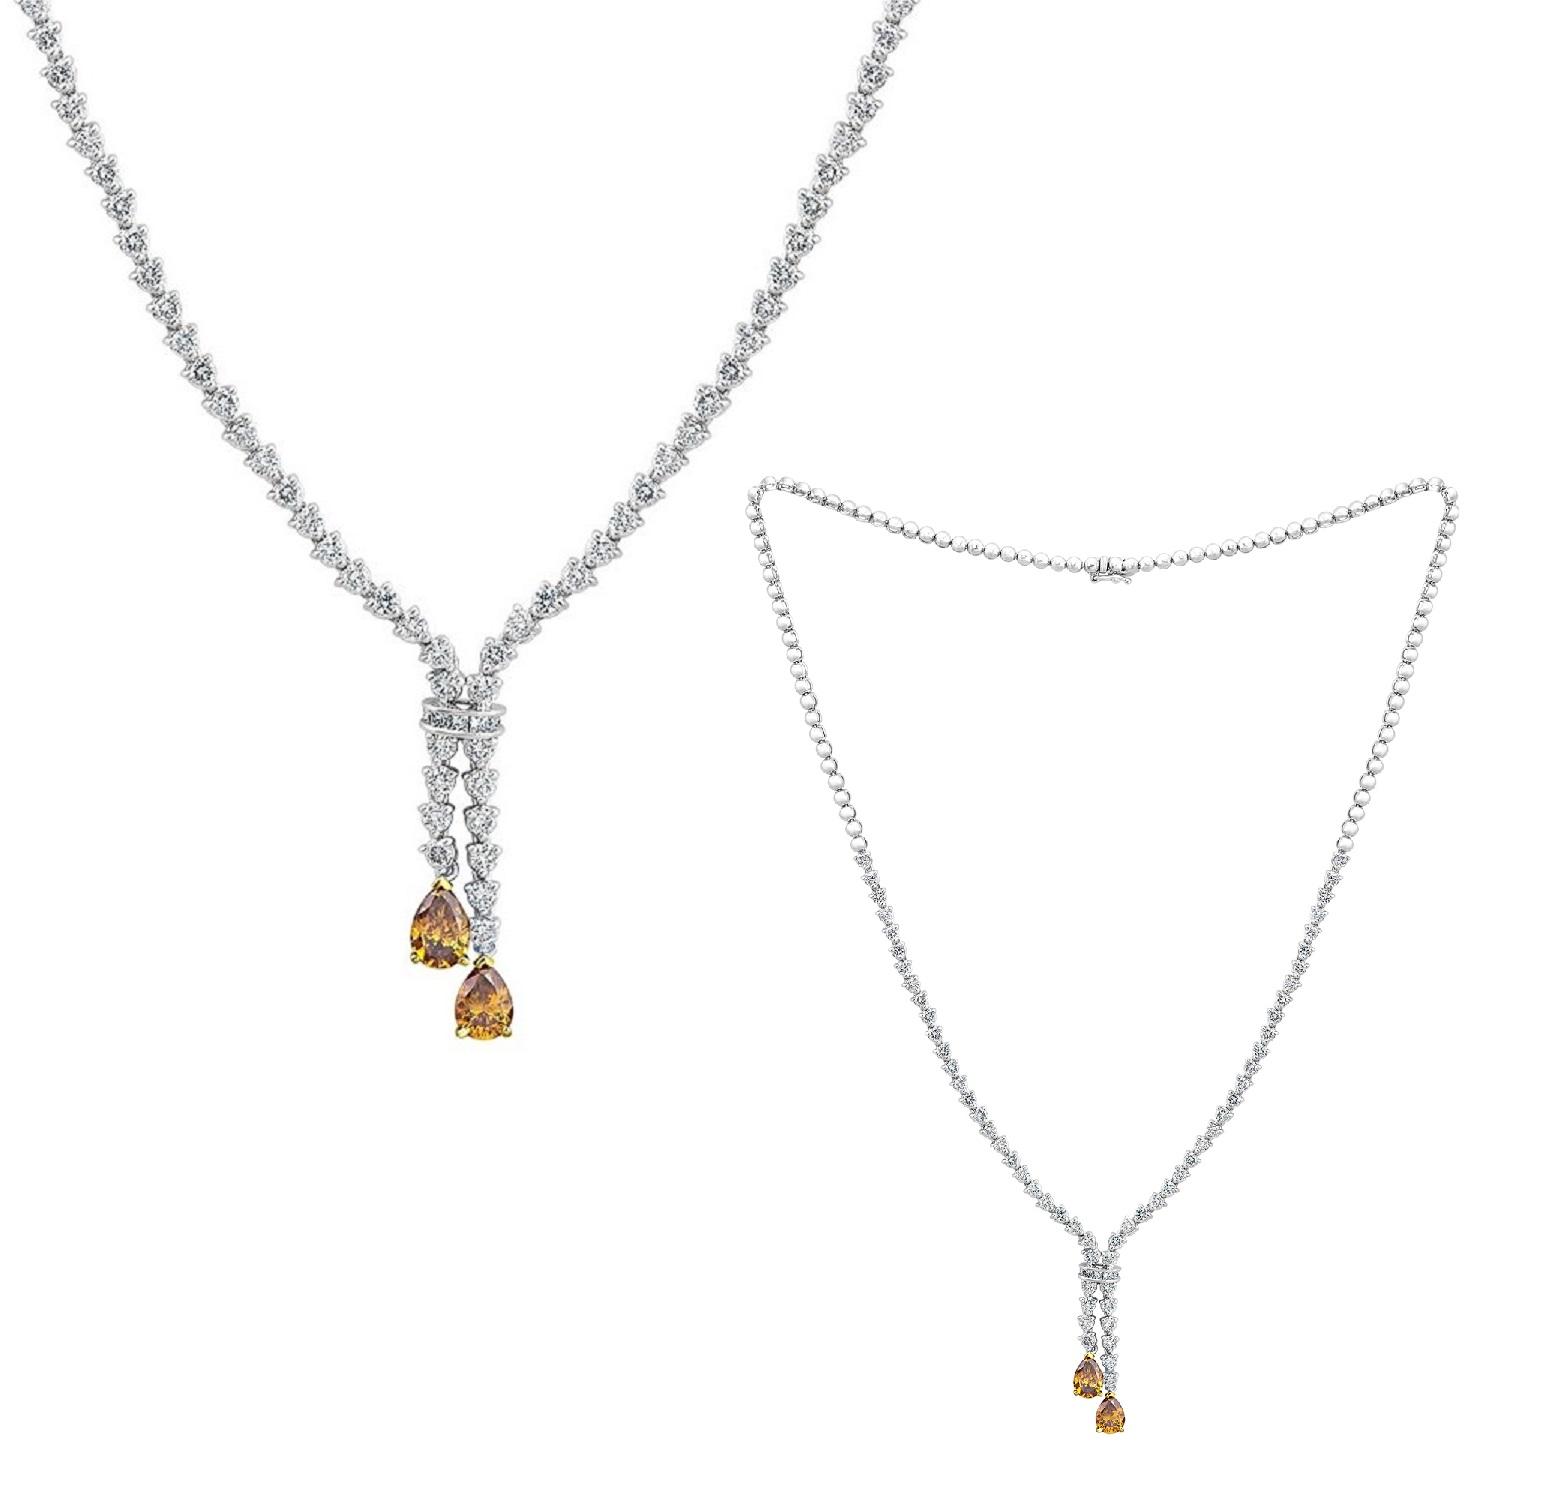 1.30ct TW Fancy Intense Yellowish Orange Diamond Necklace (4.90ct TW)